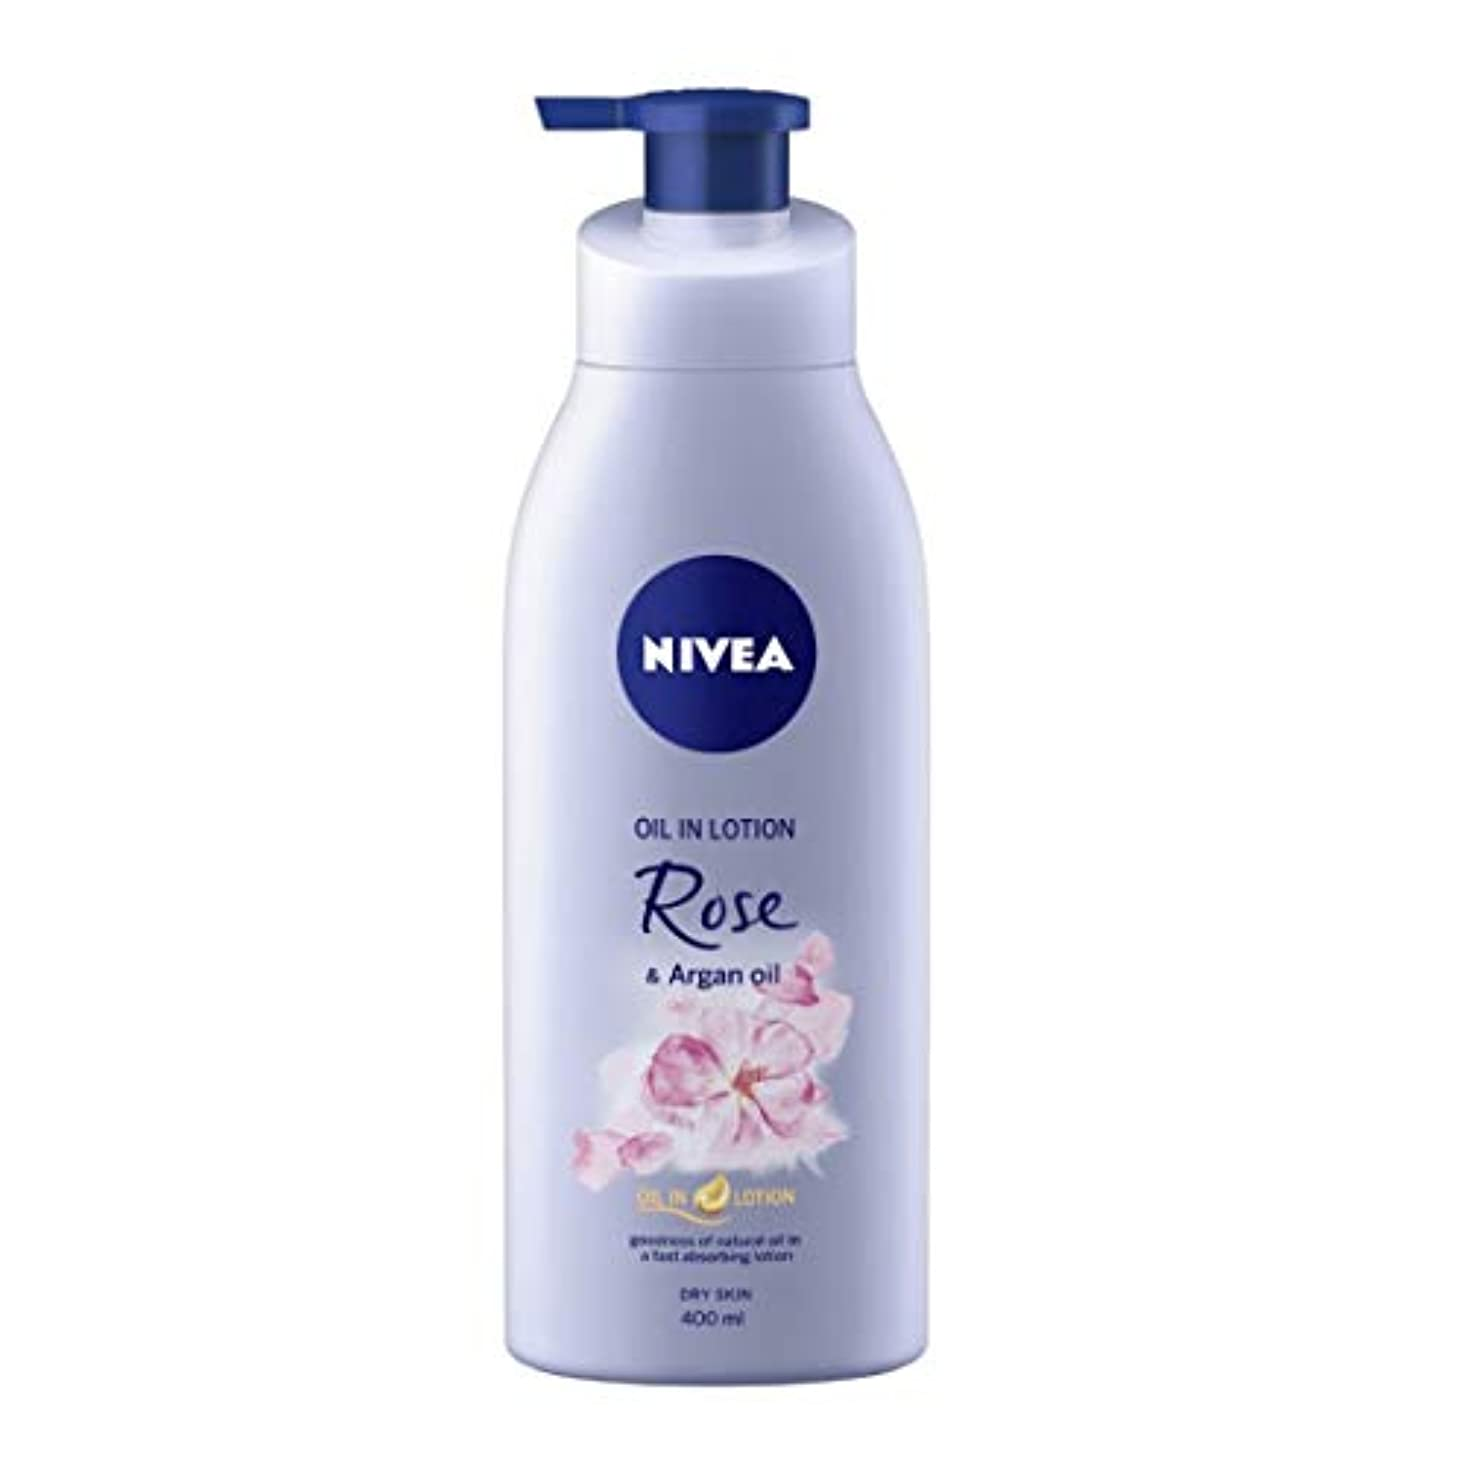 マンハッタン毎日干渉NIVEA Oil in Lotion, Rose and Argan Oil, 400ml